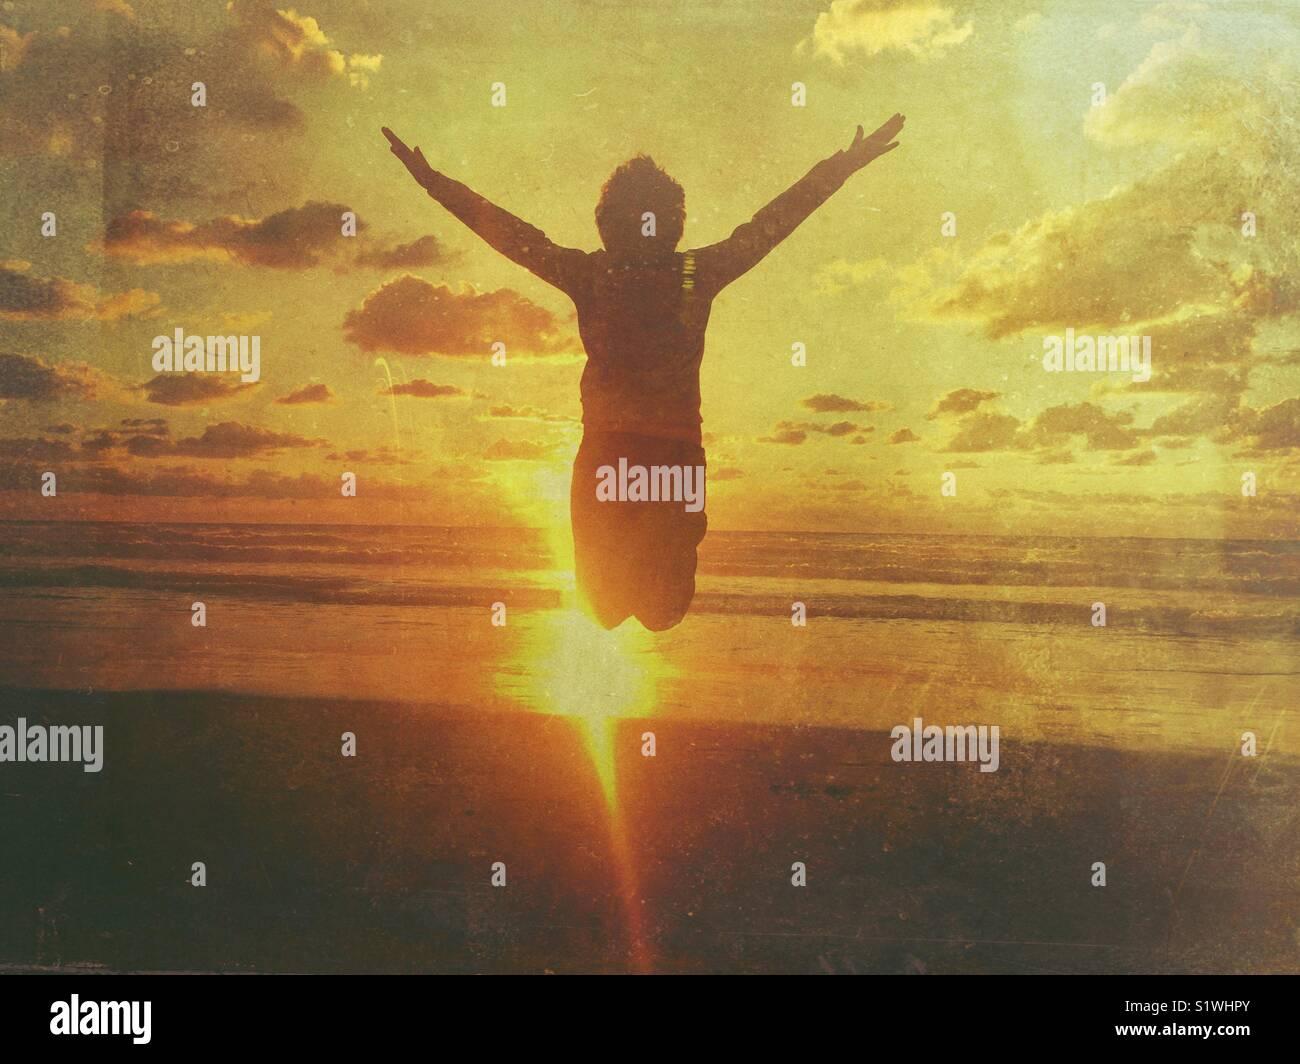 Garçon sautant avec bras tendus dans la plage au coucher du soleil Photo Stock